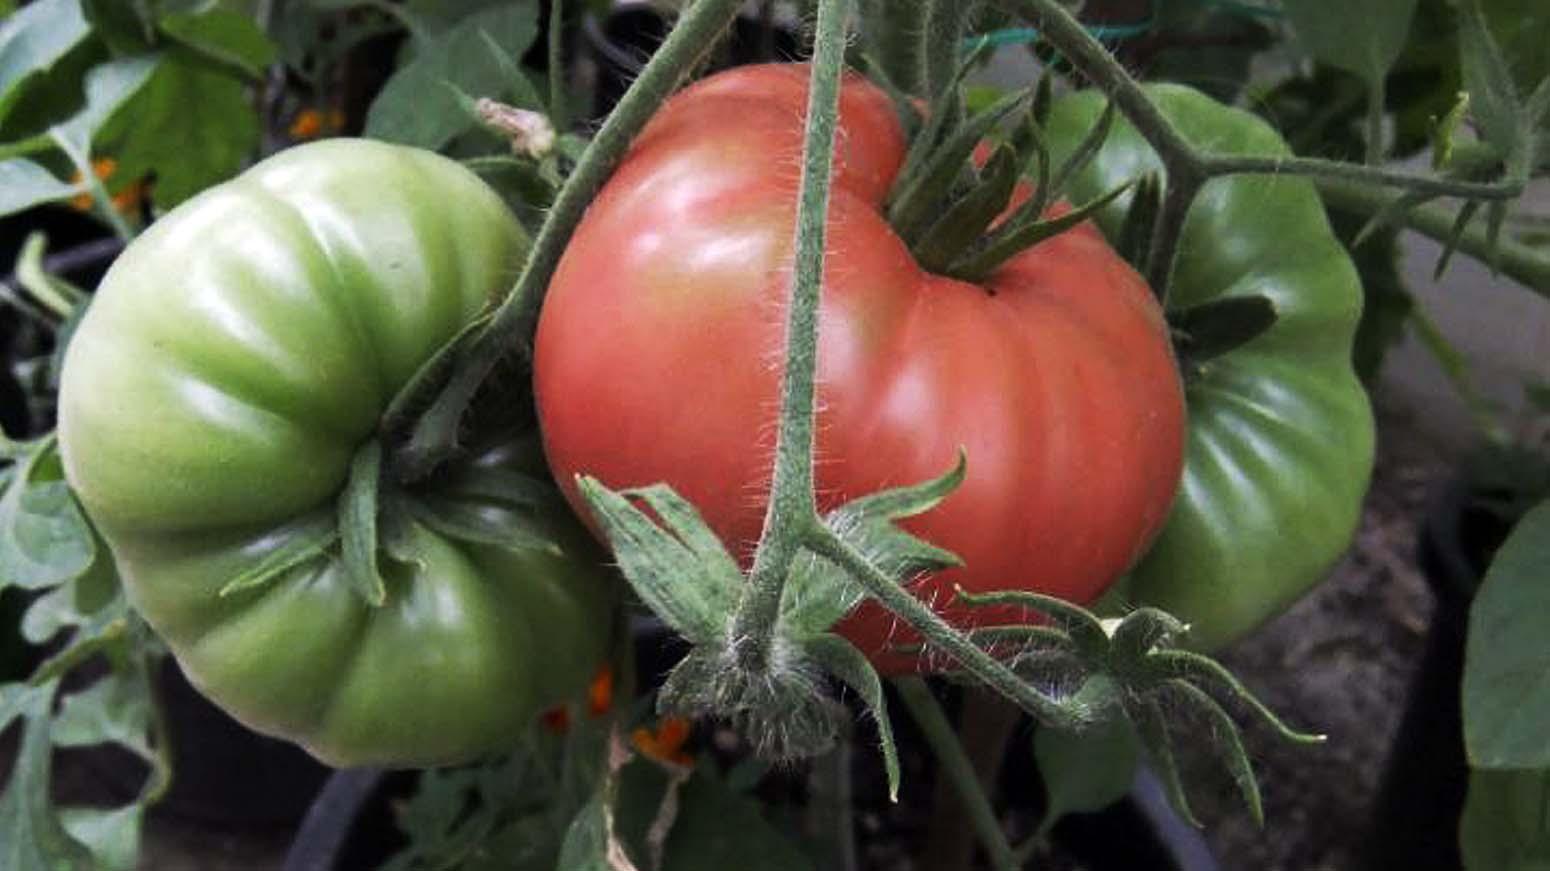 Eine grüne und eine rote Tomate am Strauch hängend.